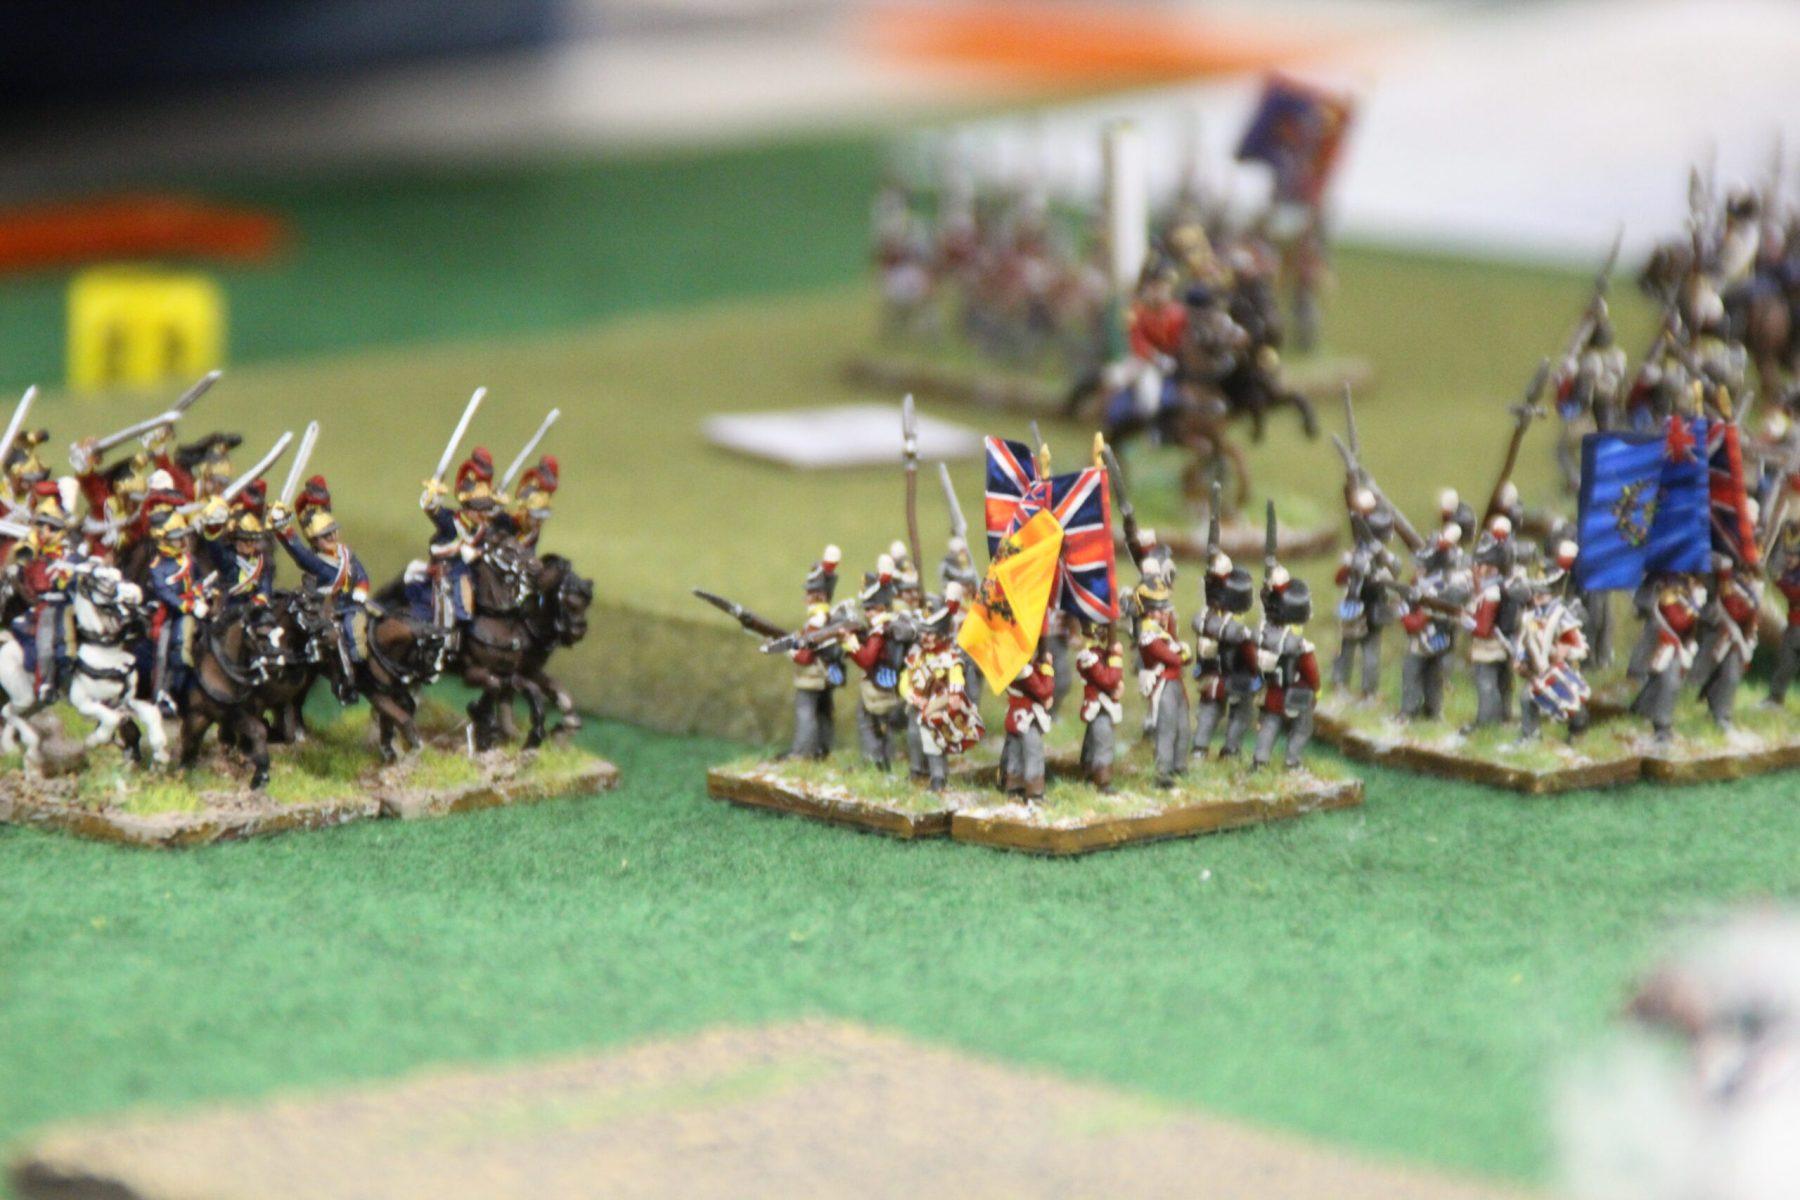 L'infanterie Anglaise se met en carré afin de décourager la cavalerie adverse.